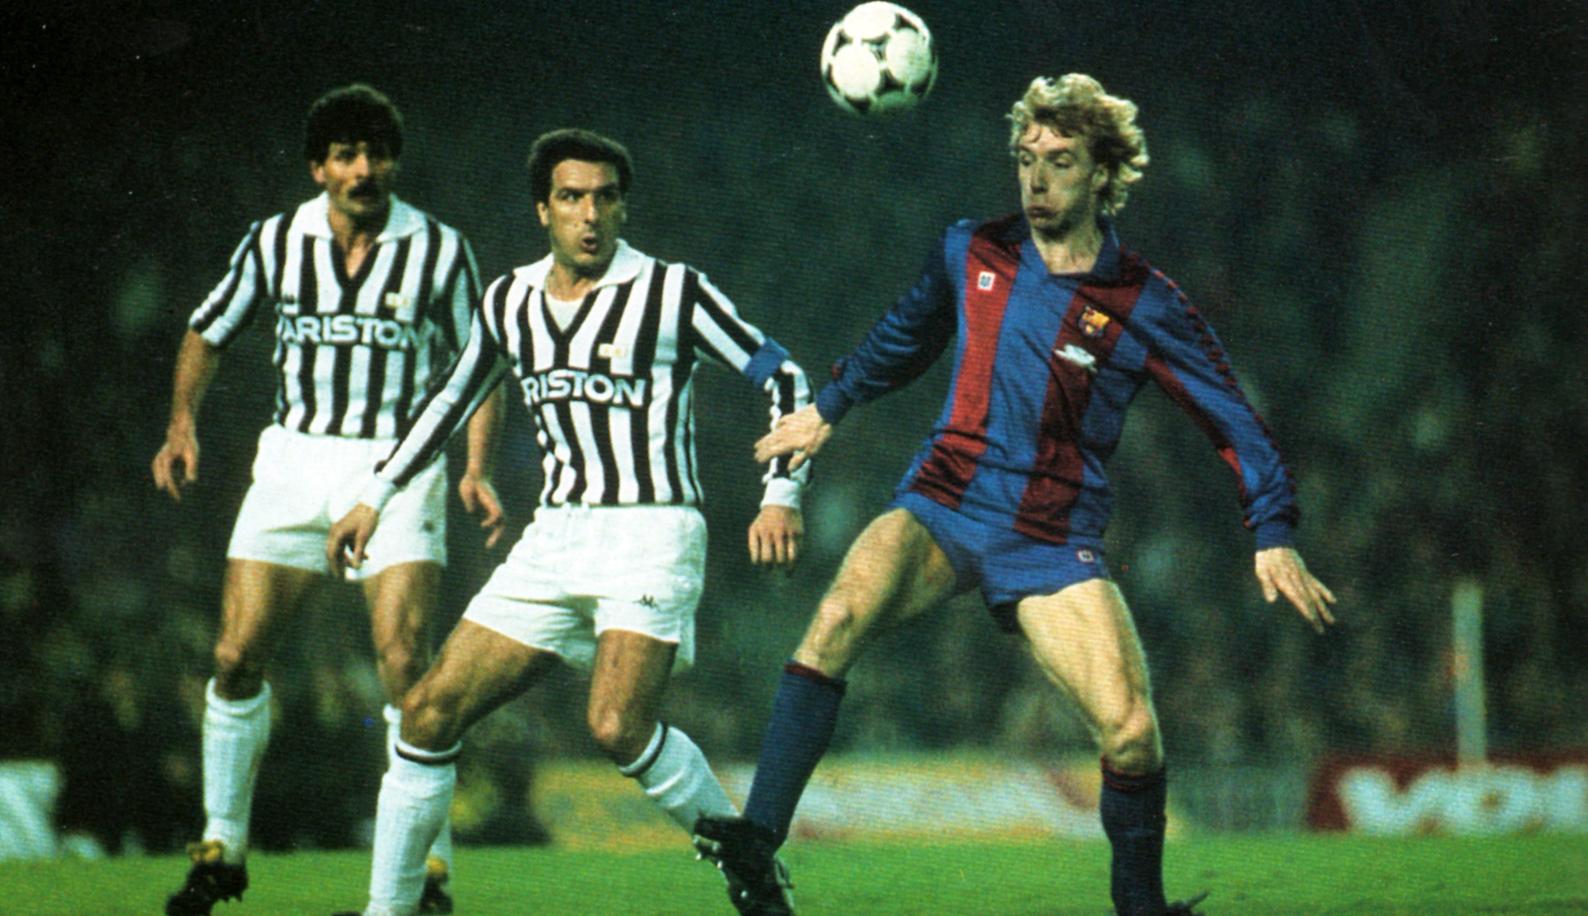 Barcellona-Juventus: Scirea e Archibald